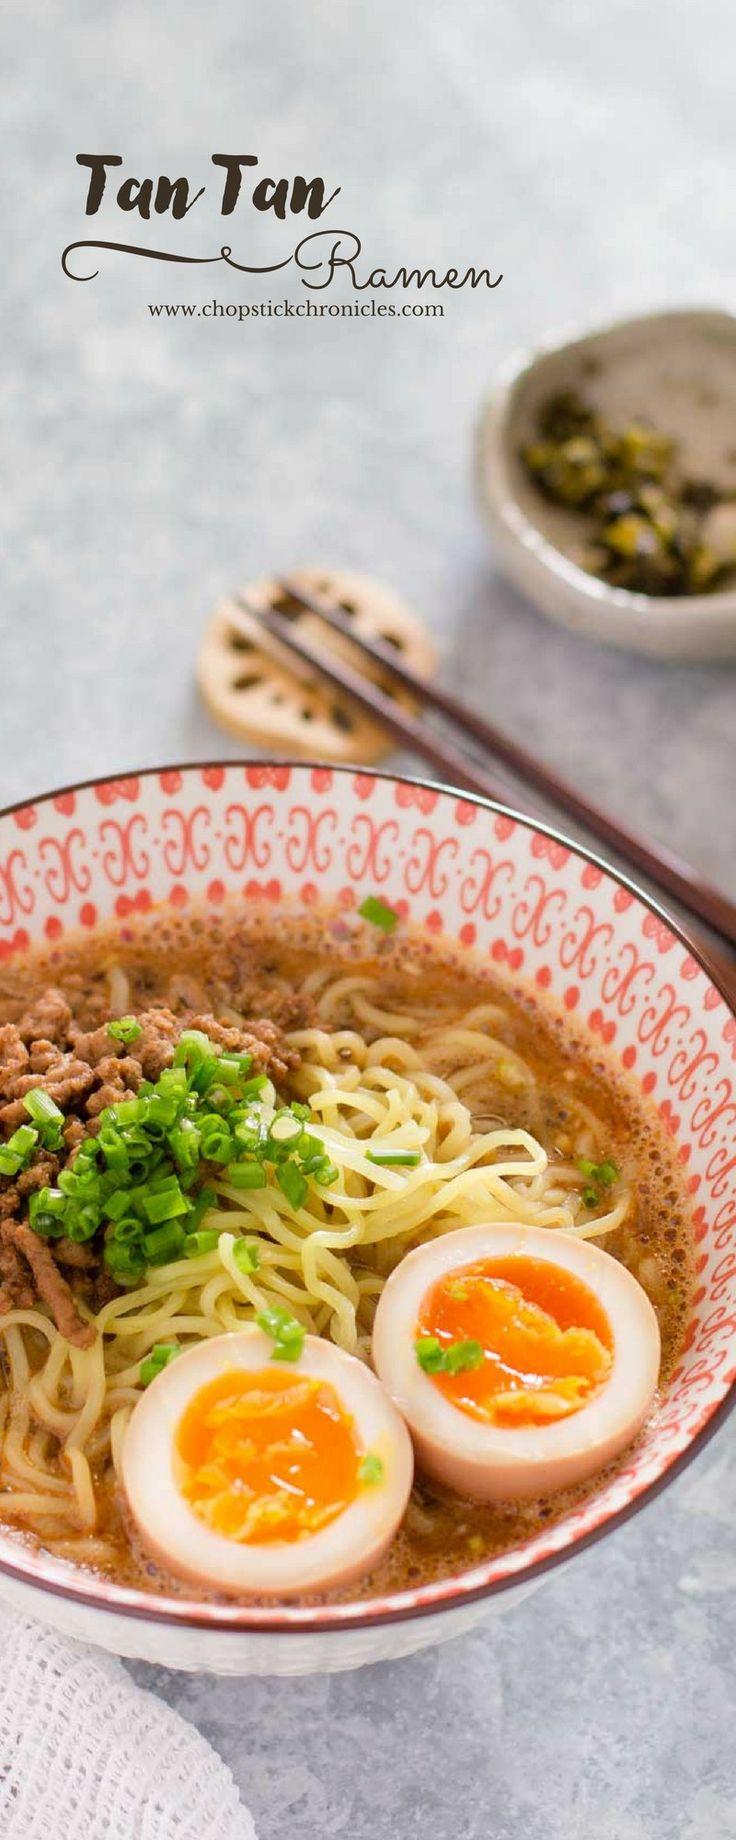 Blue apron wonton noodles - Tan Tan Ramen